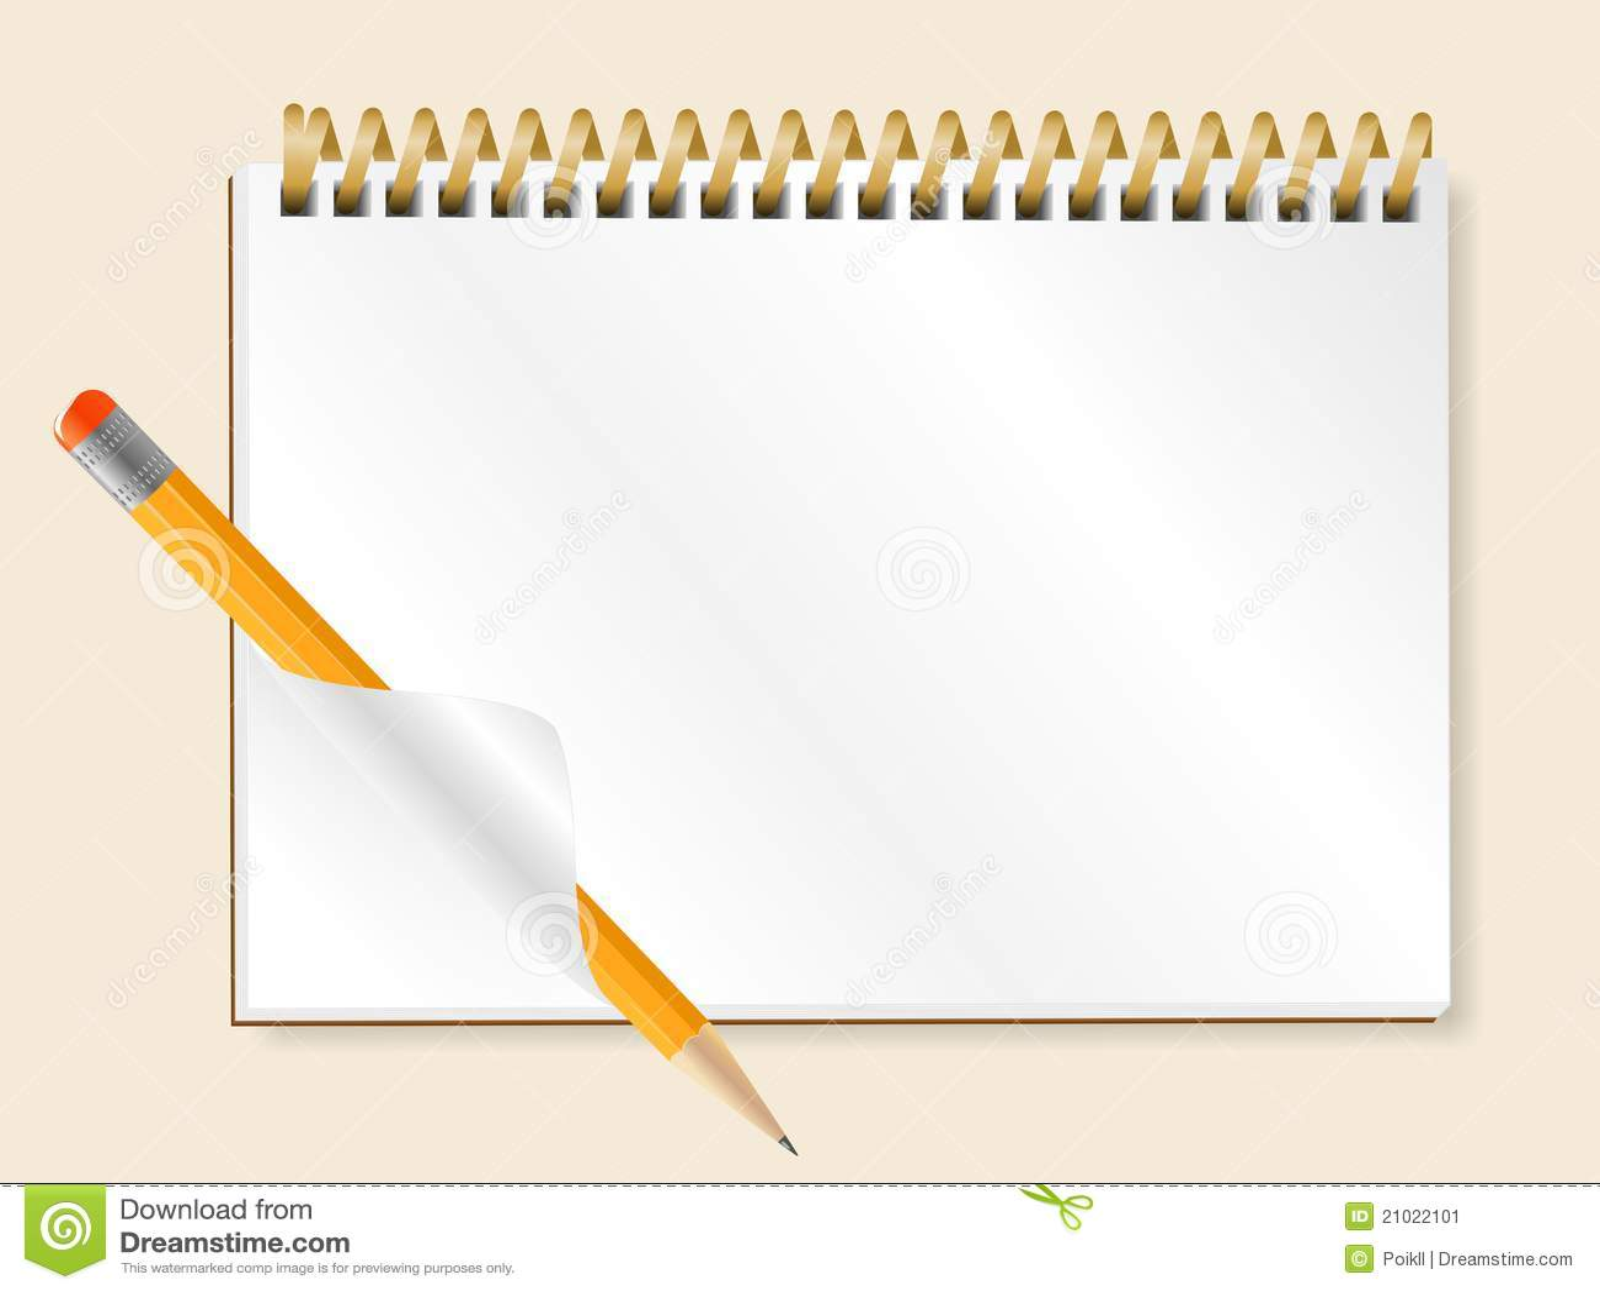 Libreta De Hojas Blancas De Dibujo Jpg By Gianferdinand: Cuaderno Espiral Imagen De Archivo